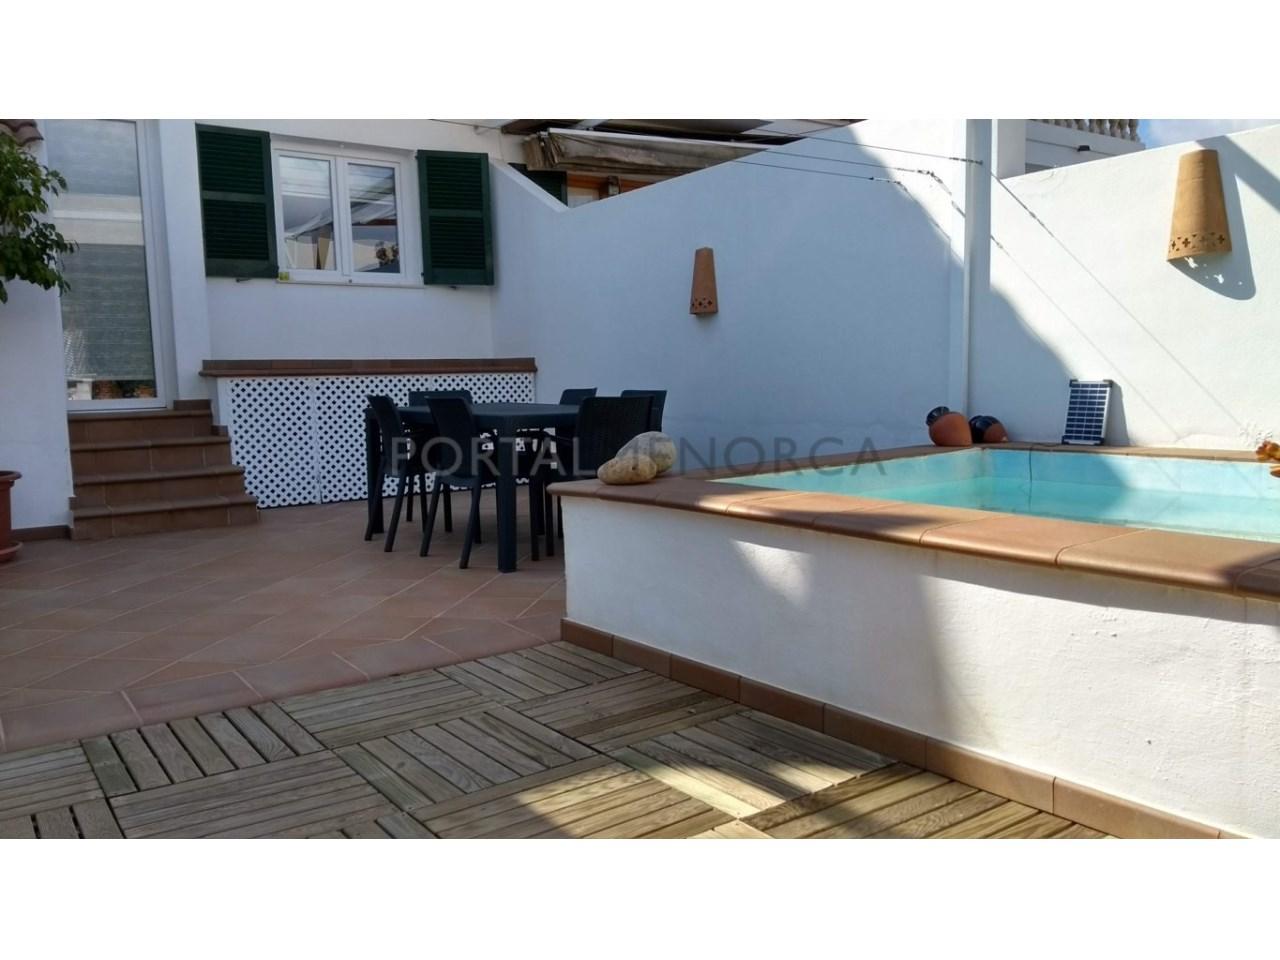 Charming villa with garage in Son Oleo for sale, Ciutadella, Menorca-playground